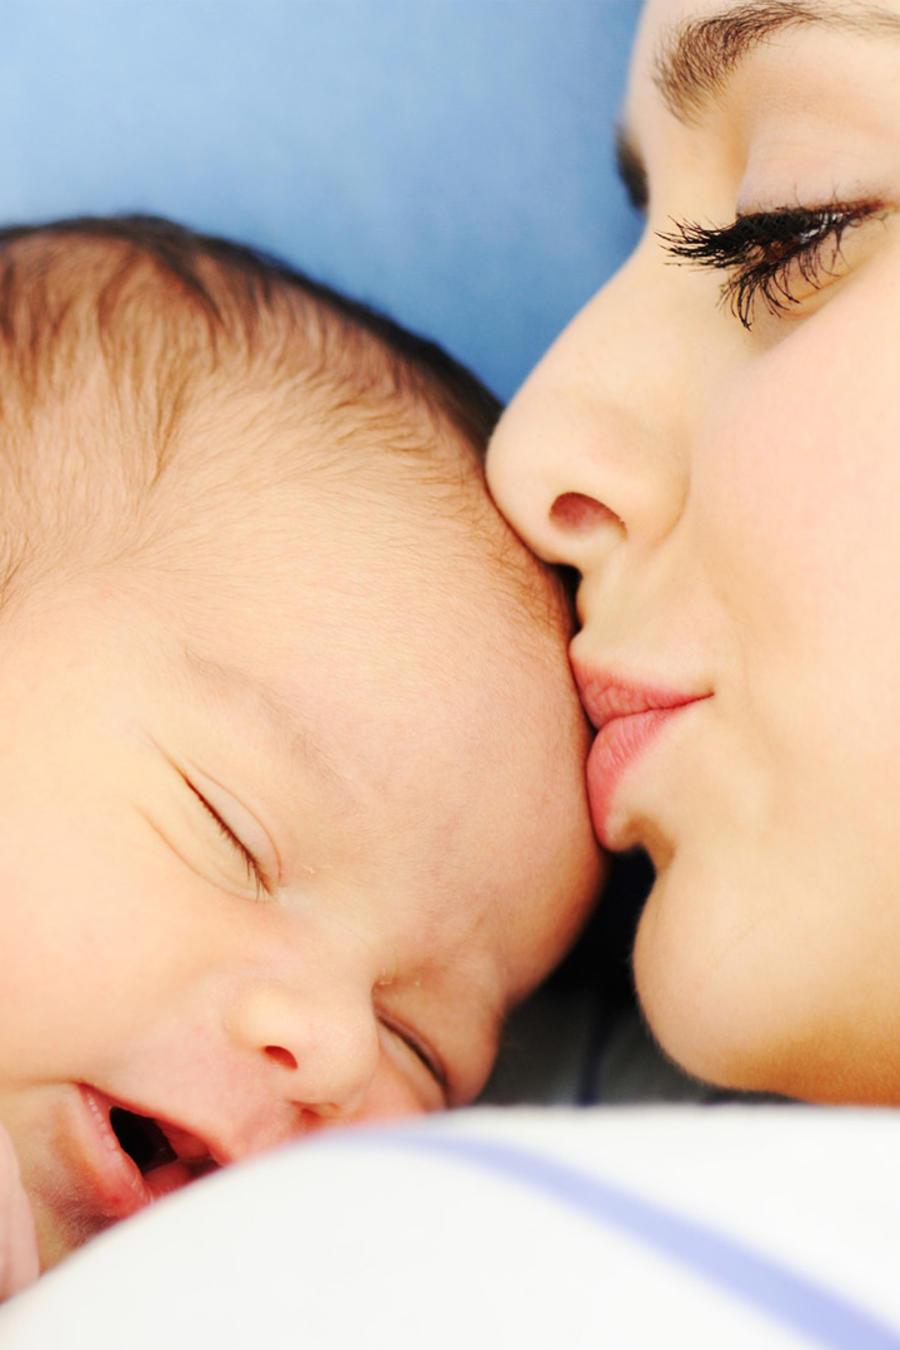 Mujer sosteniendo a un recién nacido